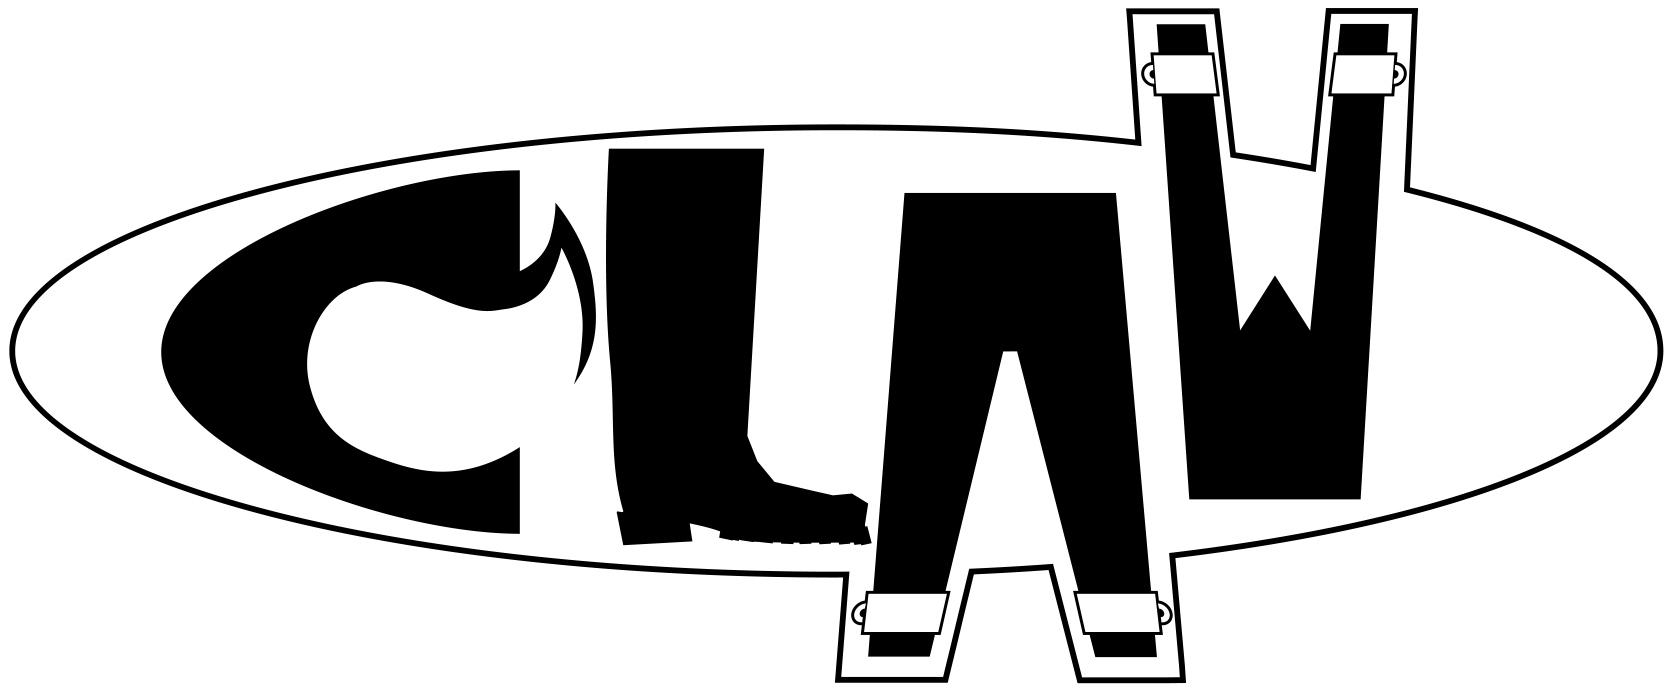 CLAW-MASTER-LOGO